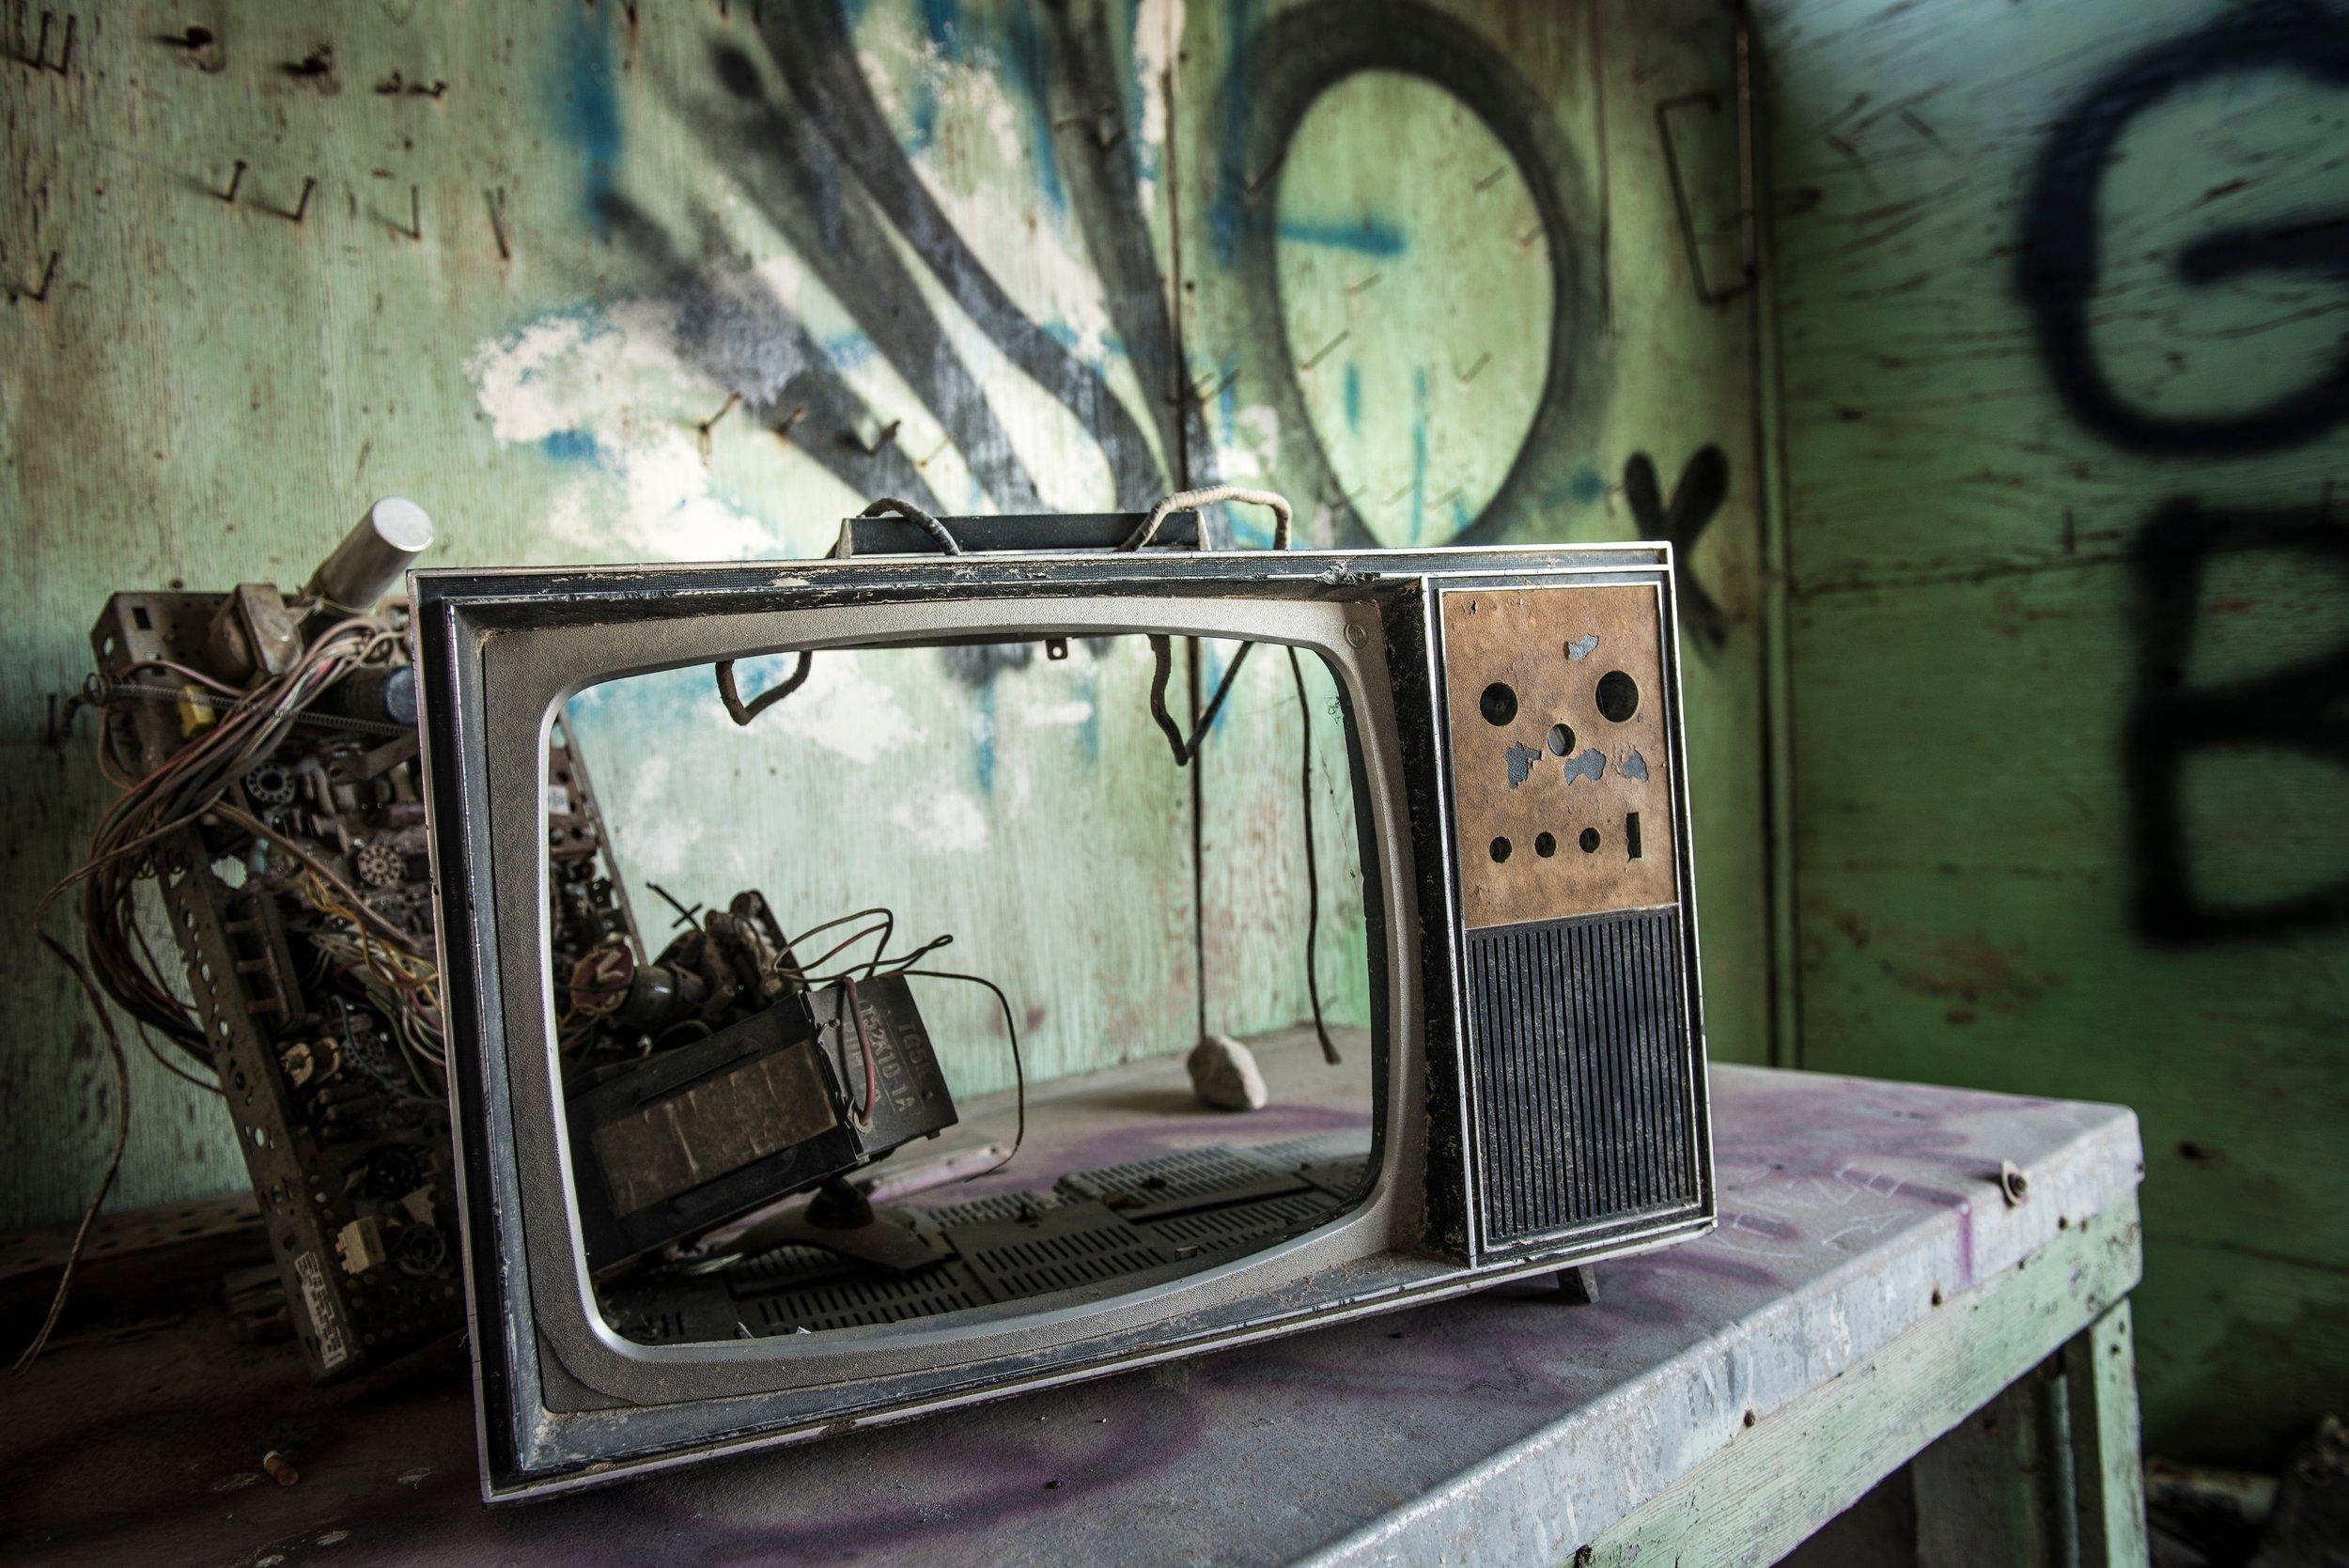 Broken_TV.jpg